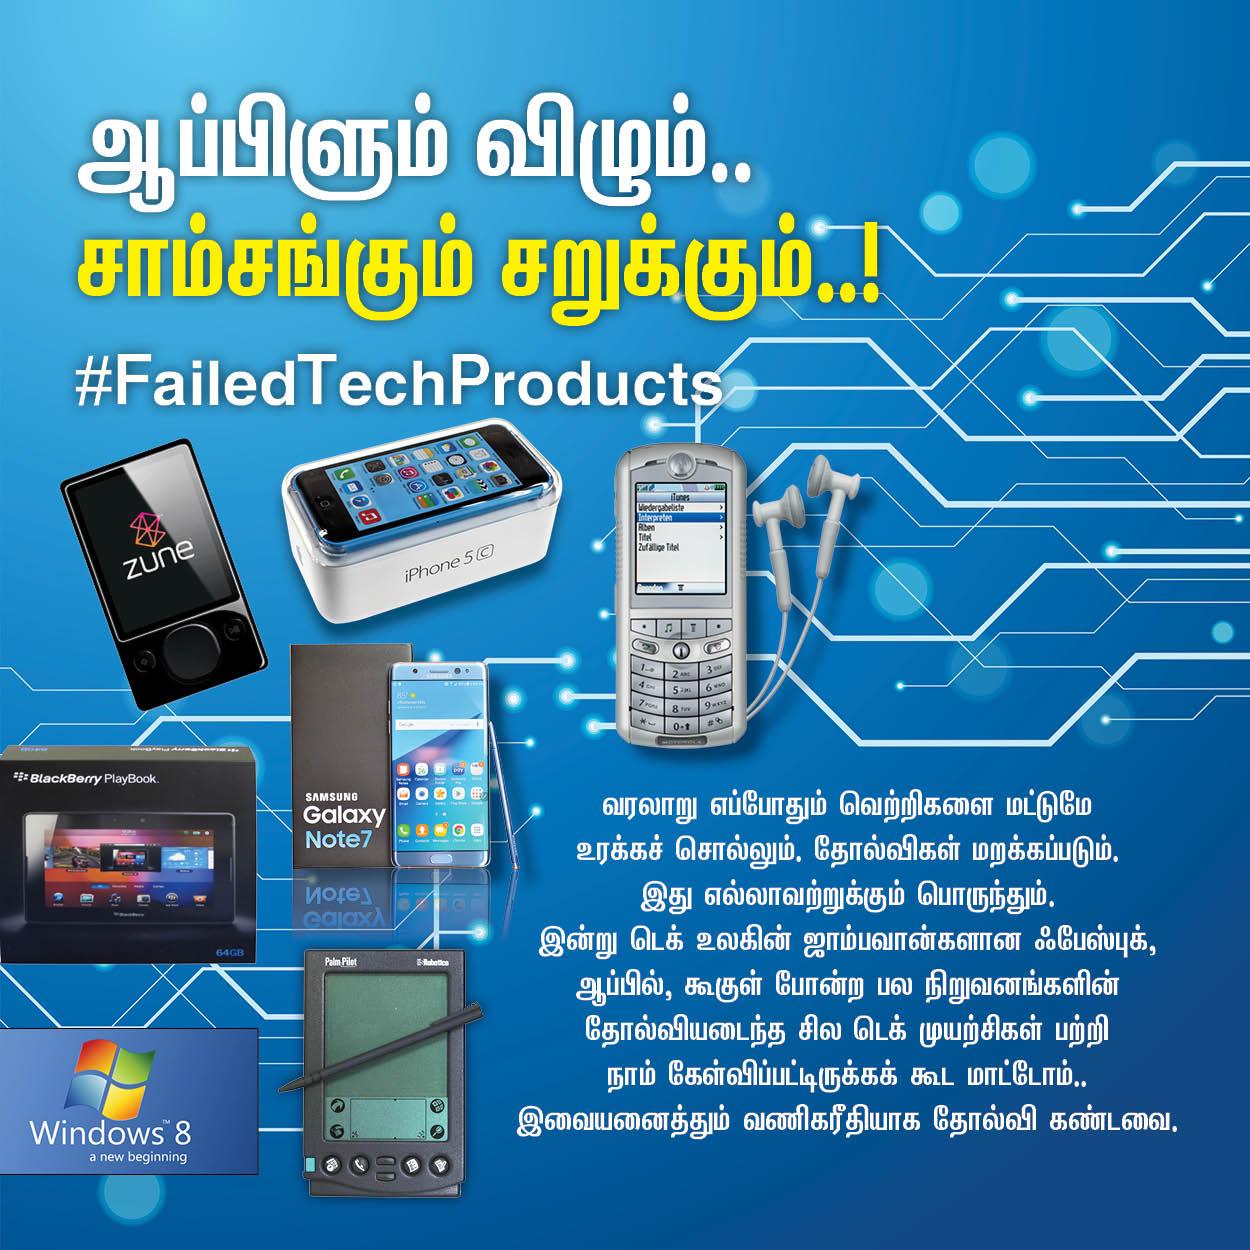 ஆப்பிளும் விழும்.. சாம்சங்கும் சறுக்கும்..! #FailedTechProducts தொகுப்பு: மு.பிரசன்ன வெங்கடேஷ்